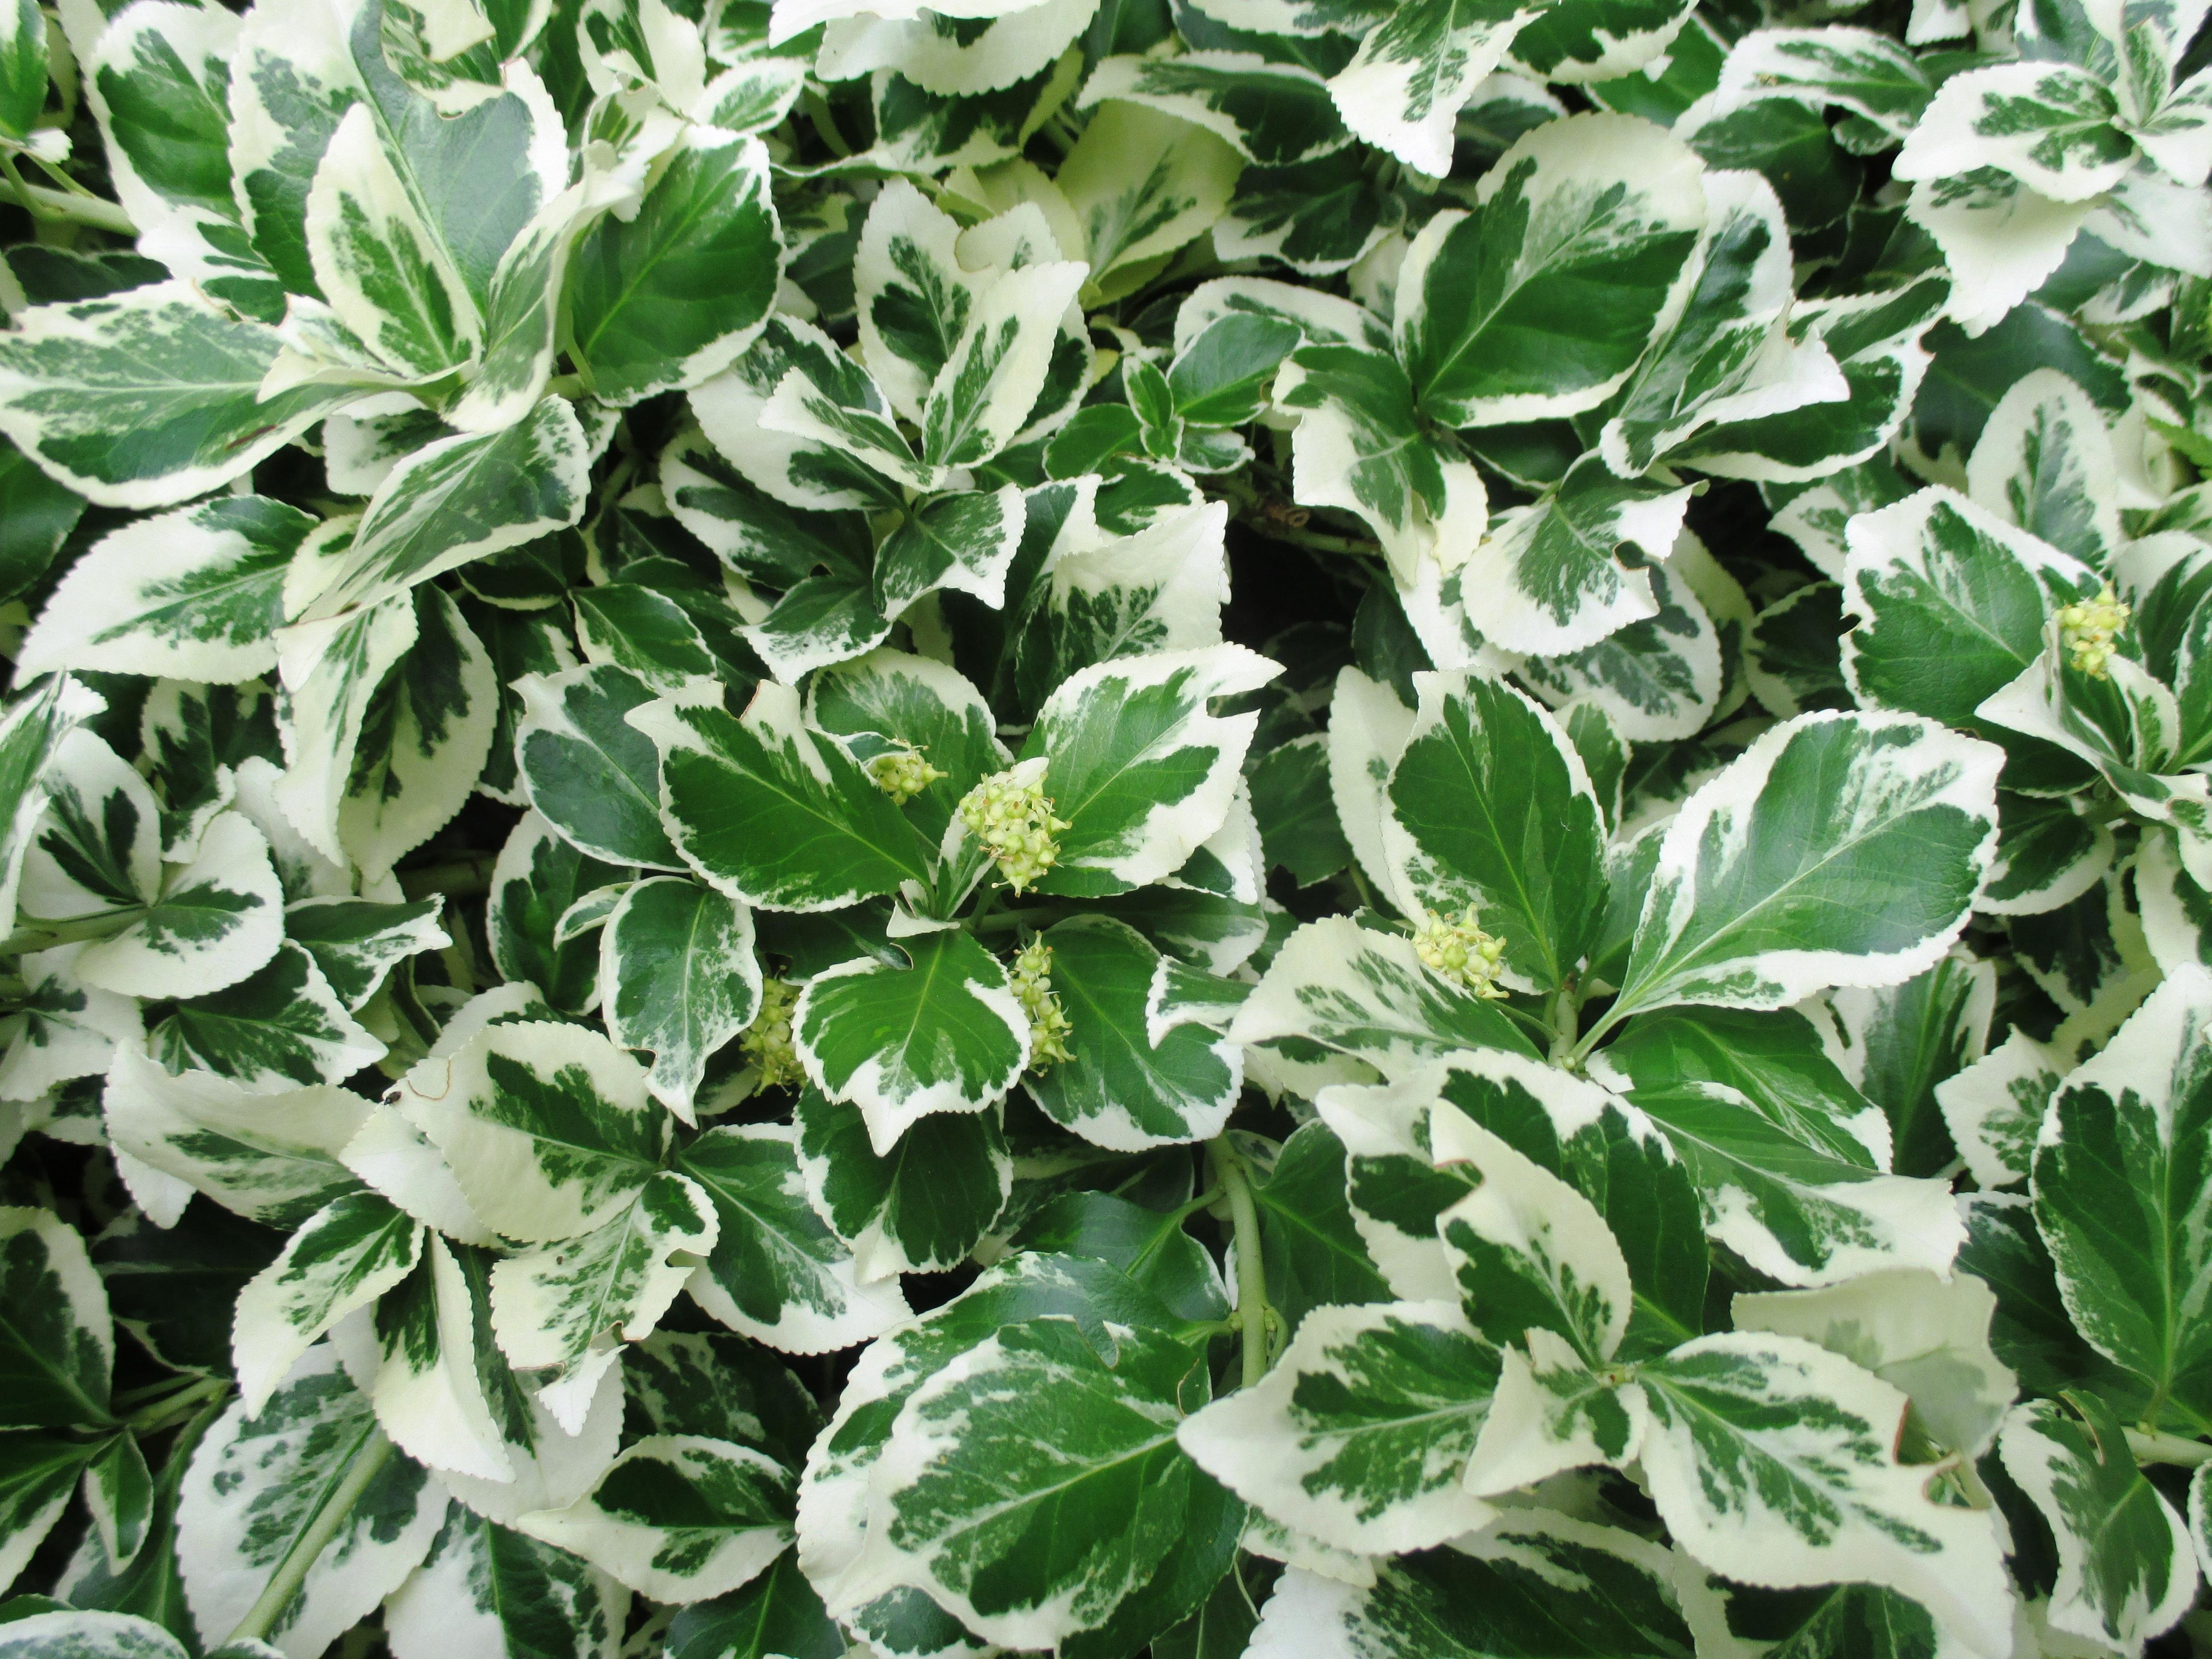 Kostenlose foto Weiß Blatt Blume Busch Grün Kraut